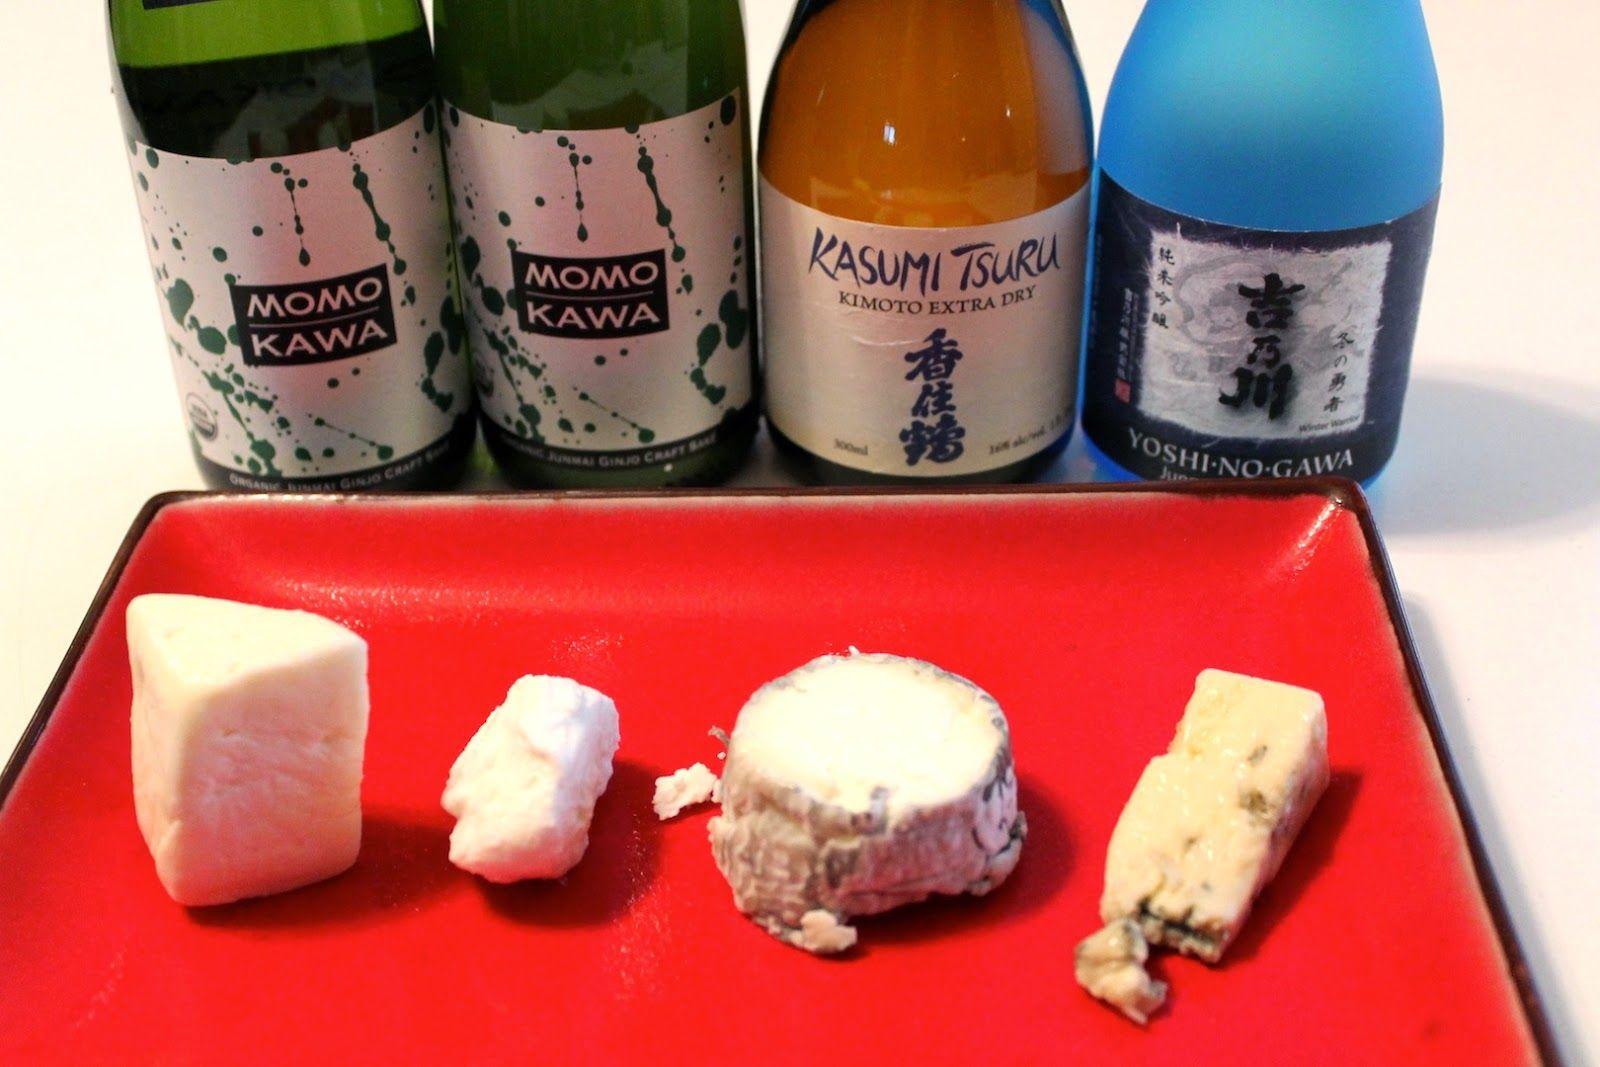 Boozehoundz For Pete S Sake American Cheese Japanese Sake Sake American Wine Food